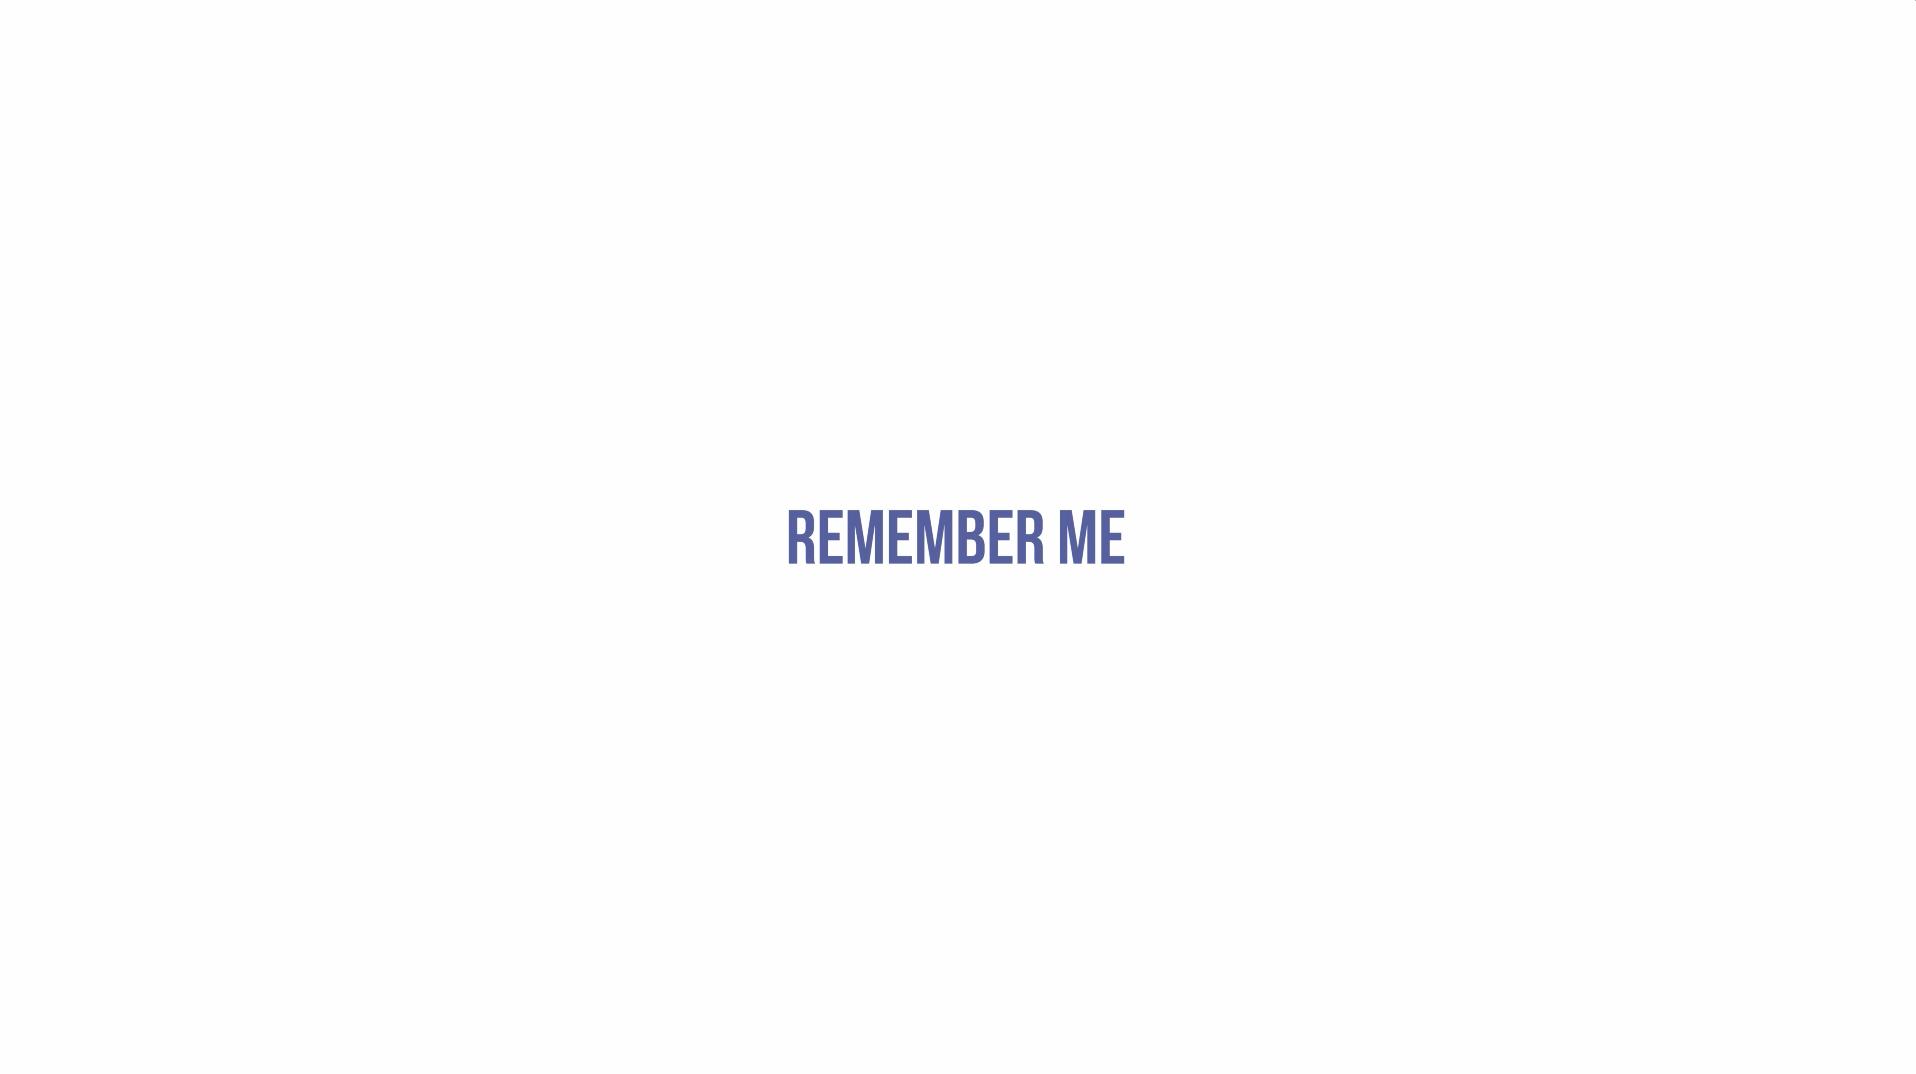 Thumbnail for Remember Me